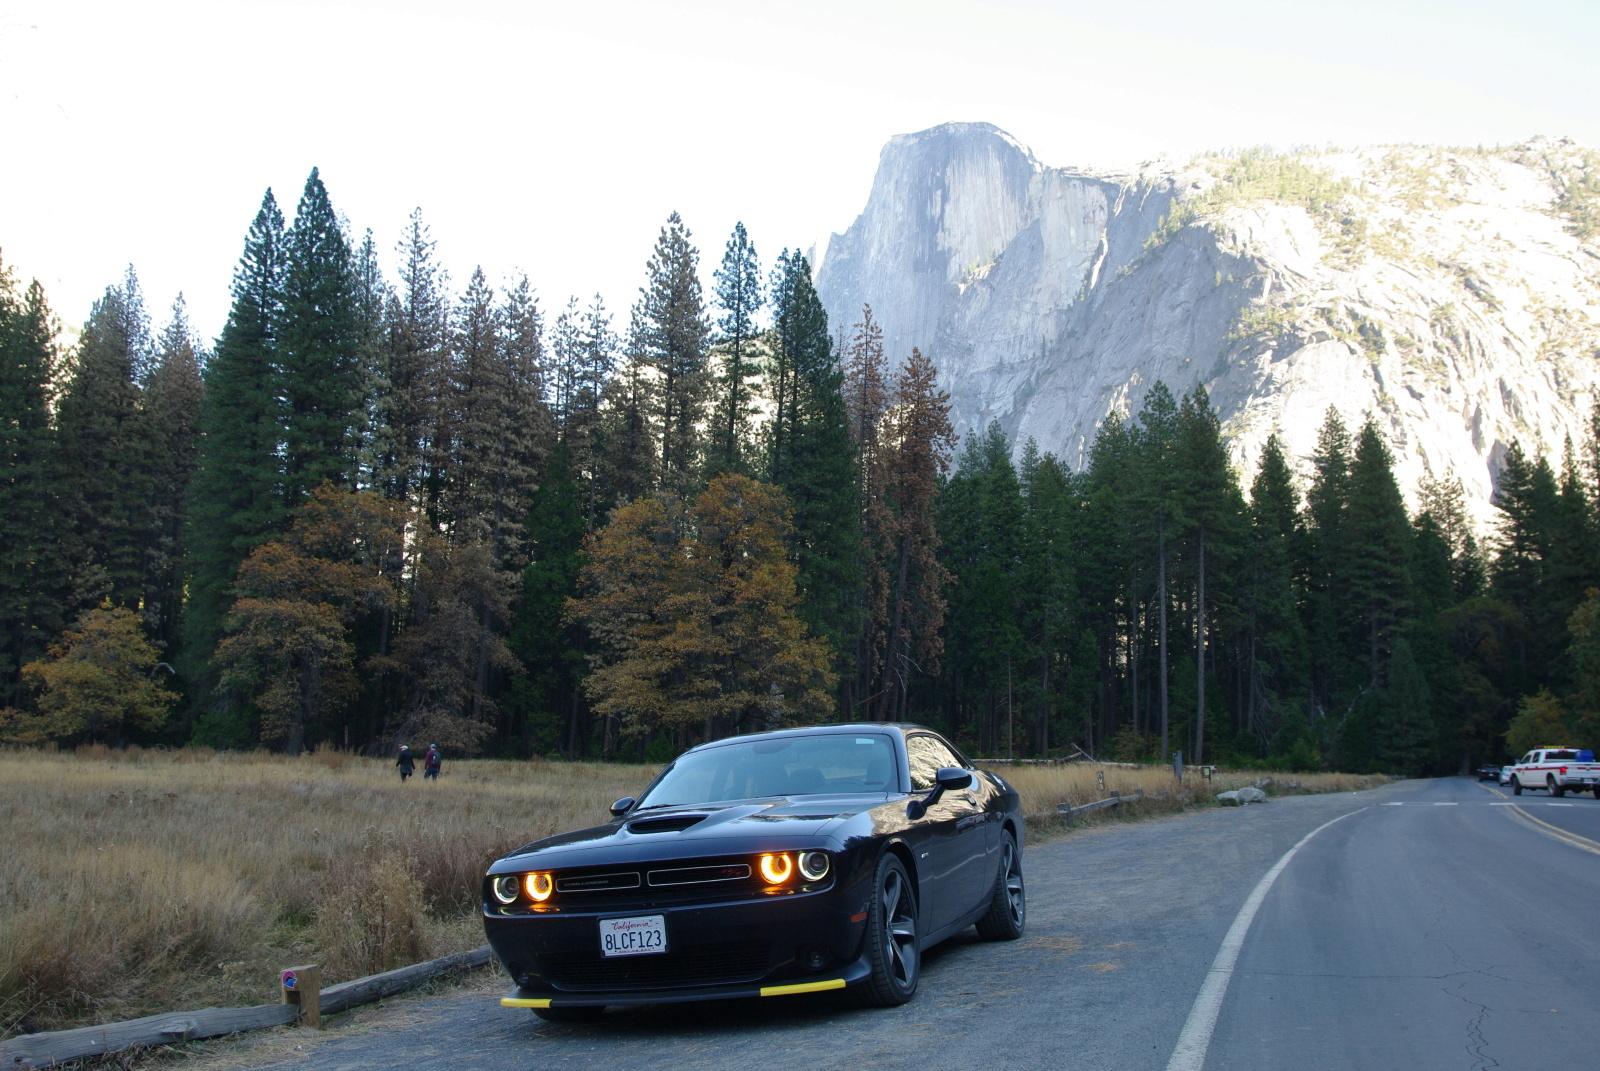 Road Trip / Ouest des USA en Challenger de location -Part II Imgpk250